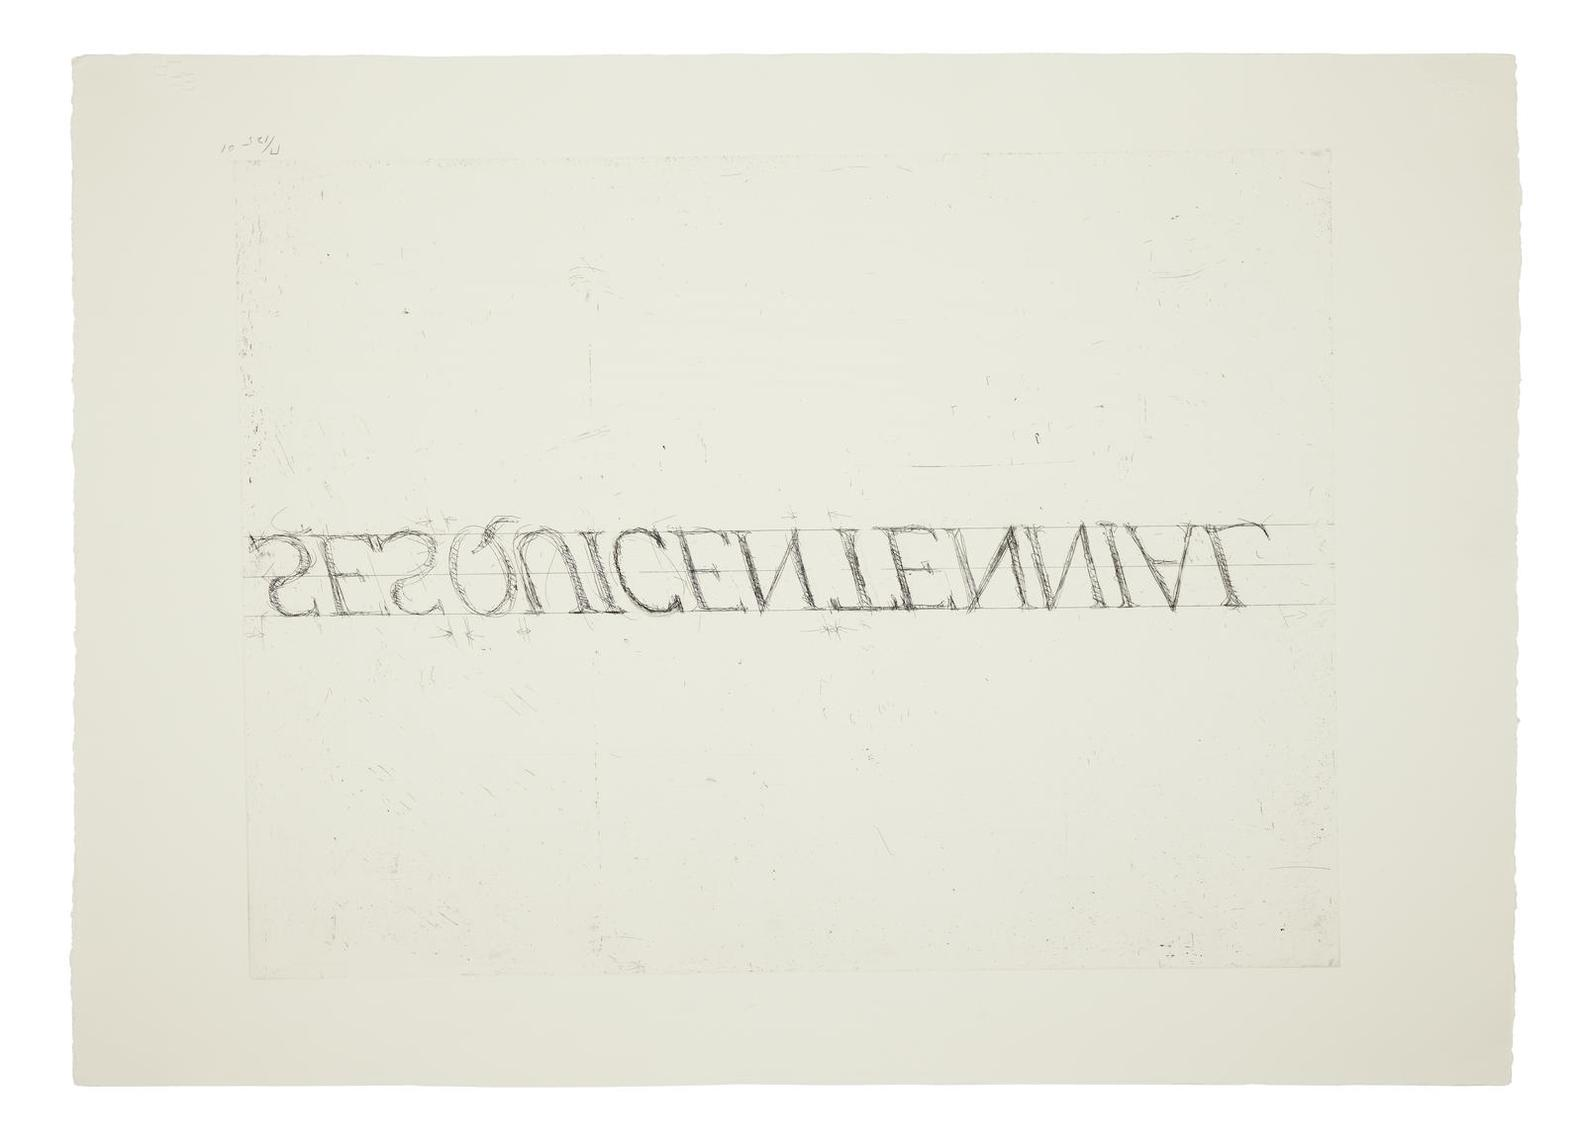 Bruce Nauman-The Wisconsin Sequicentennial Project-2001